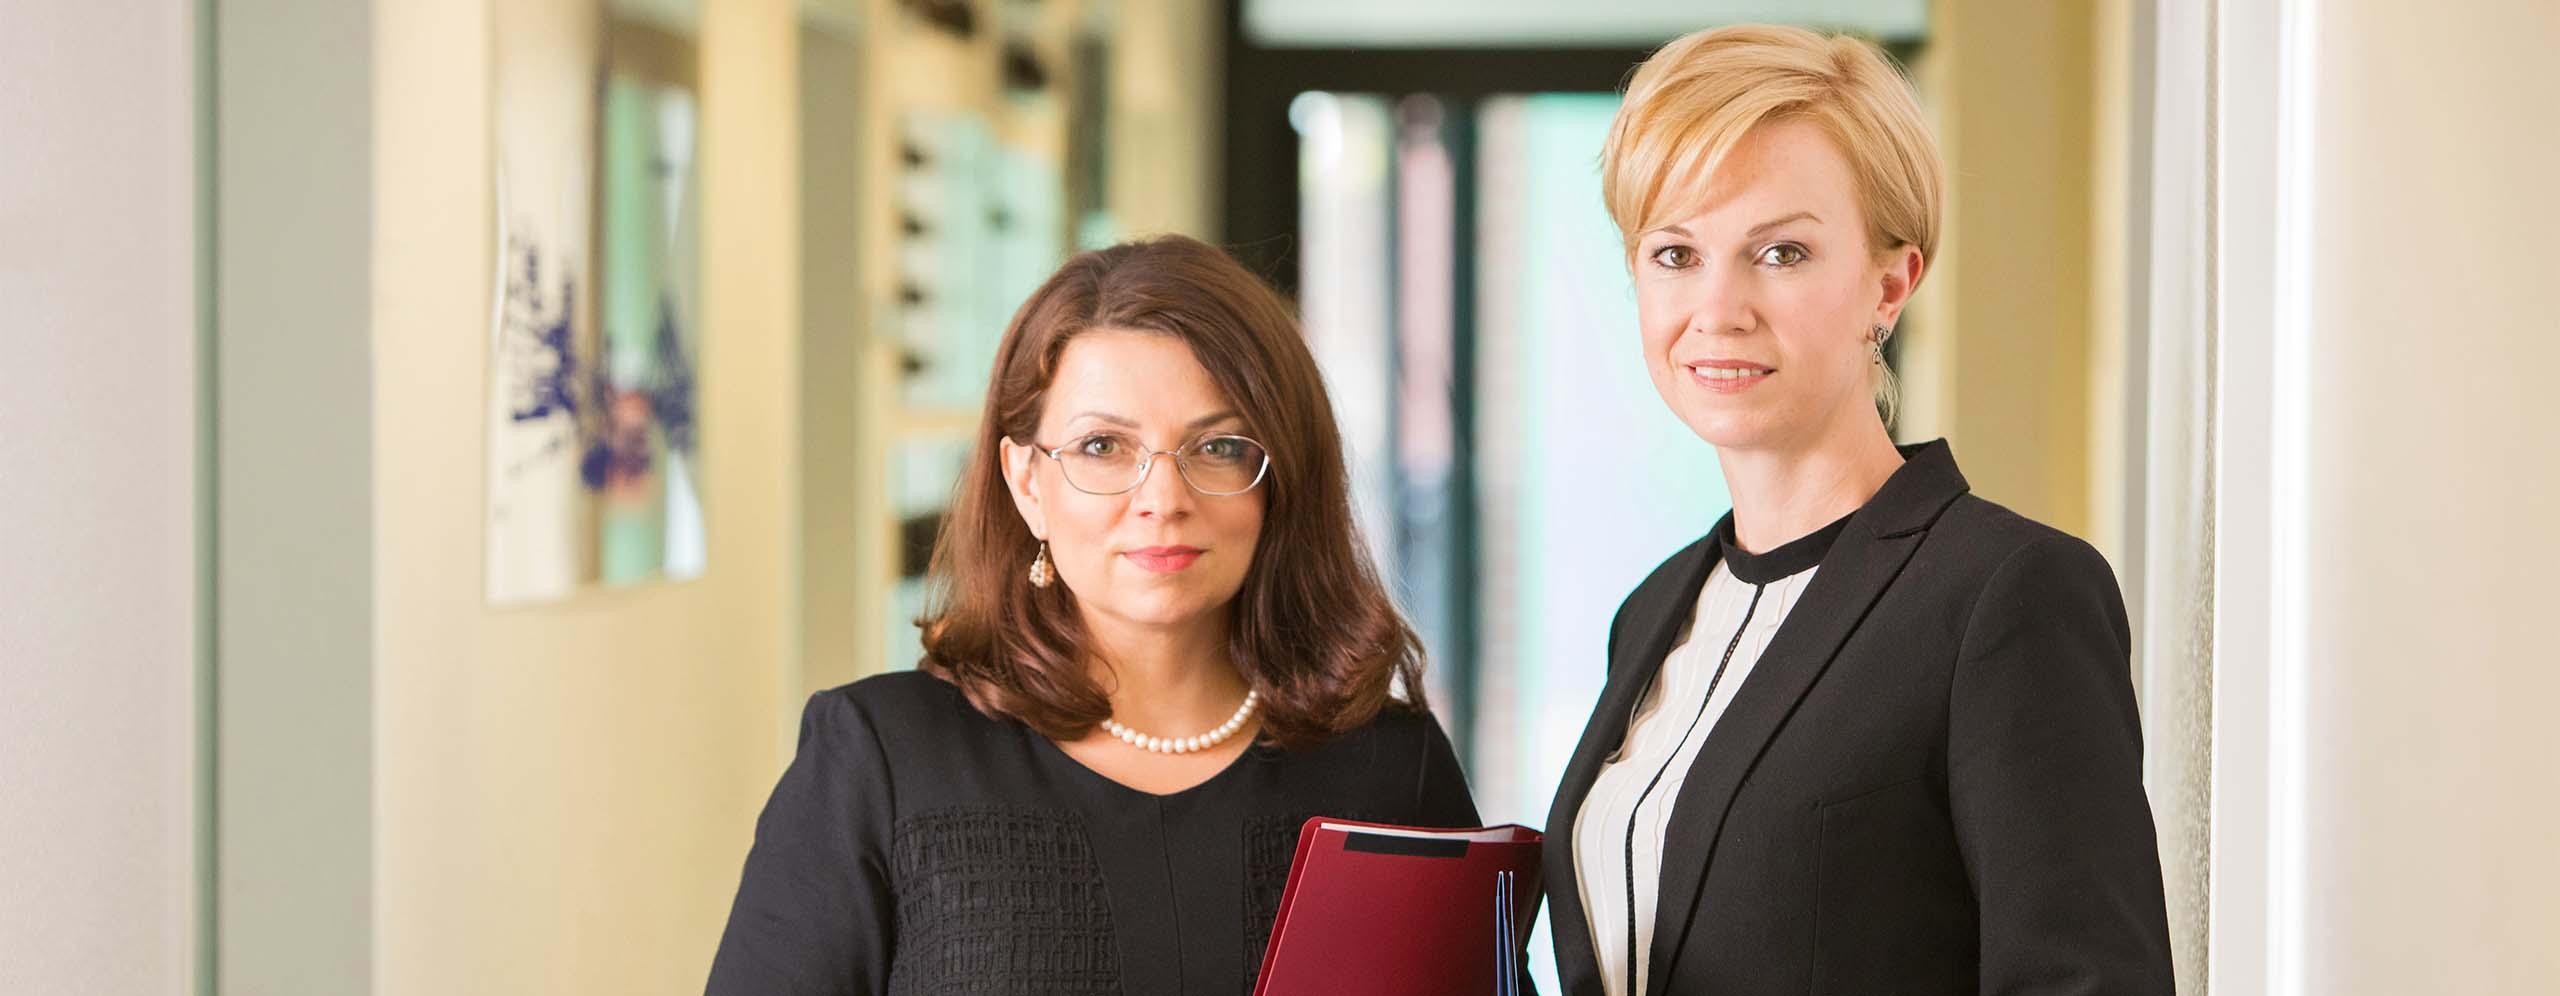 Die 2 Gründerinnen von SGH Legal in ihrer Anwaltskanzlei